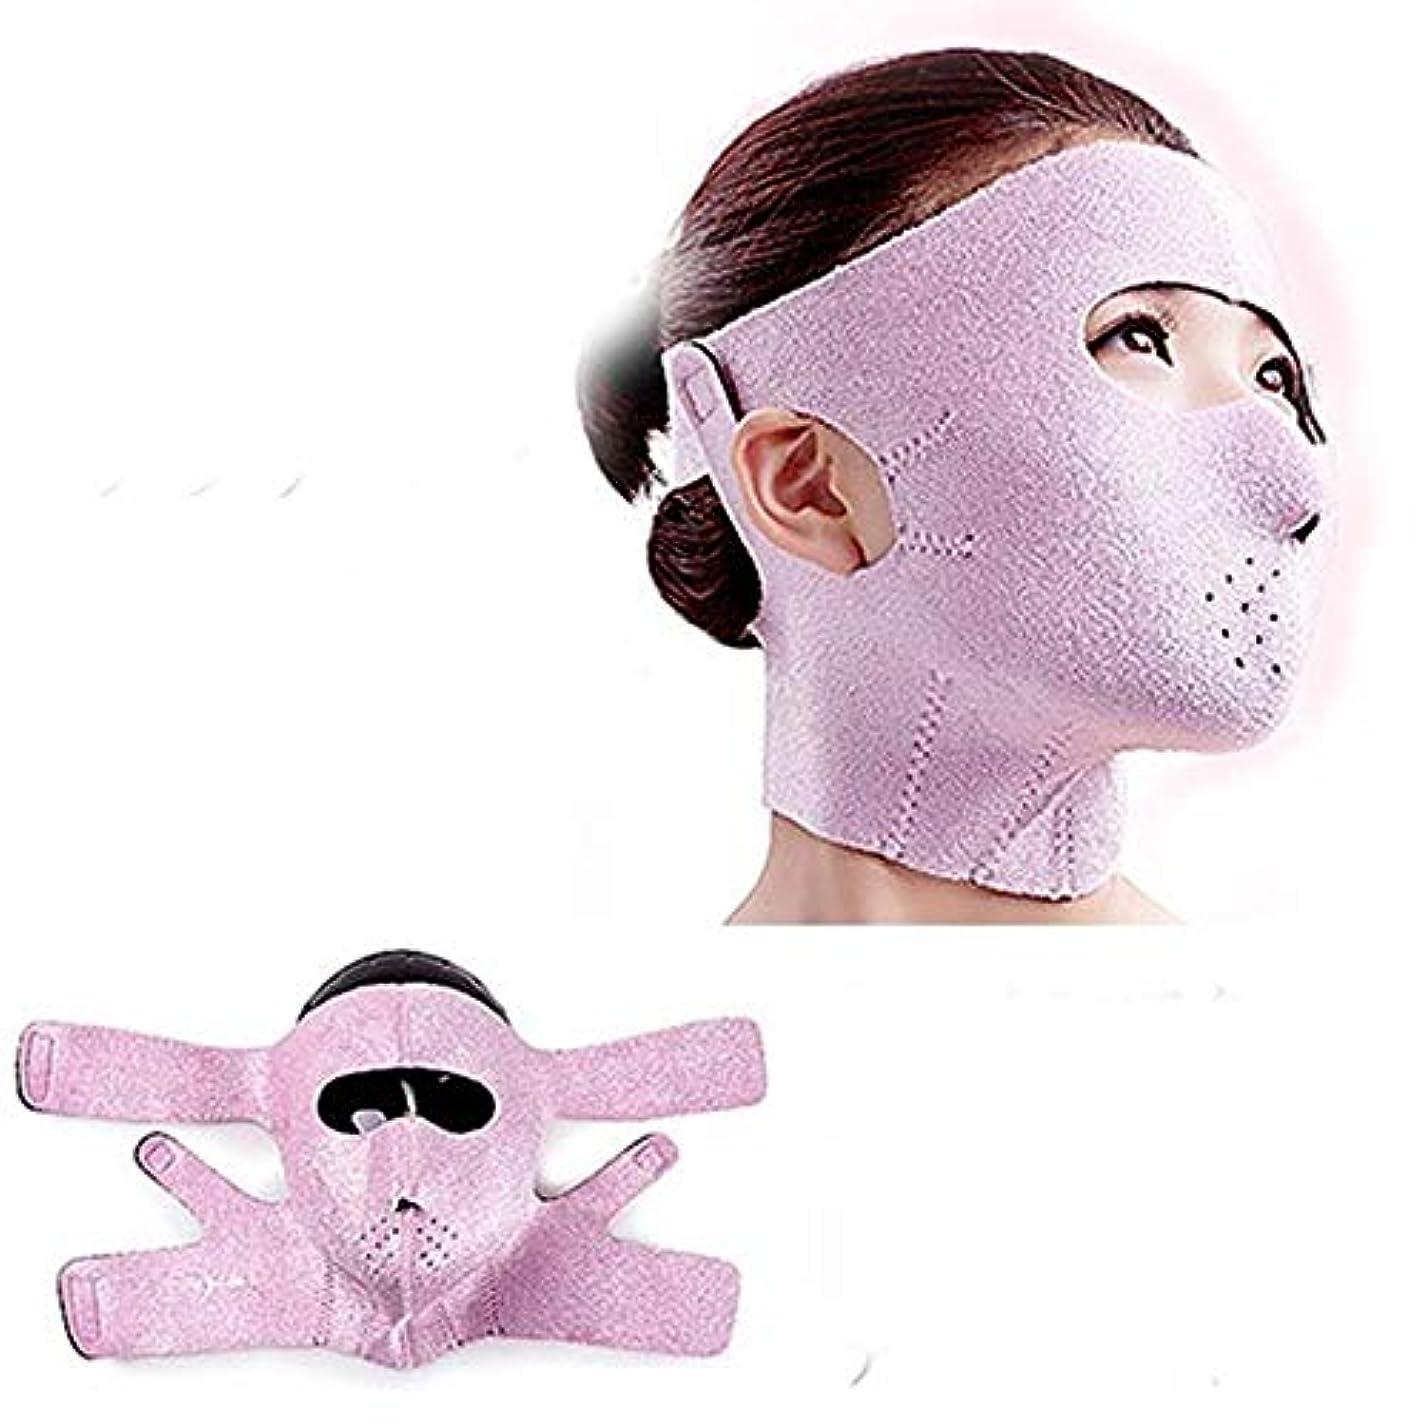 アフリカ人アプライアンスストレス小顔 矯正 補正 サウナ マスク サポーター 顔 リフトアップ エステ ダイエット